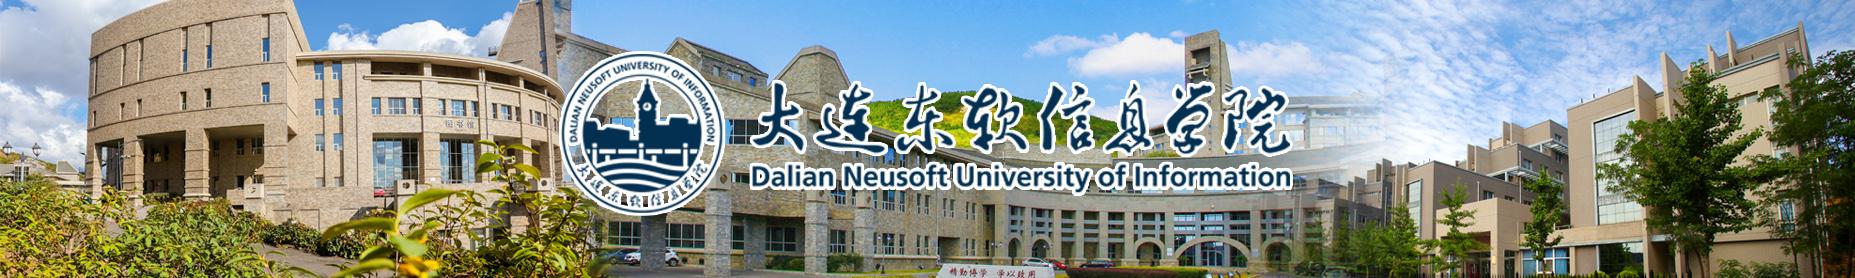 大連東軟信息學院banner.jpg